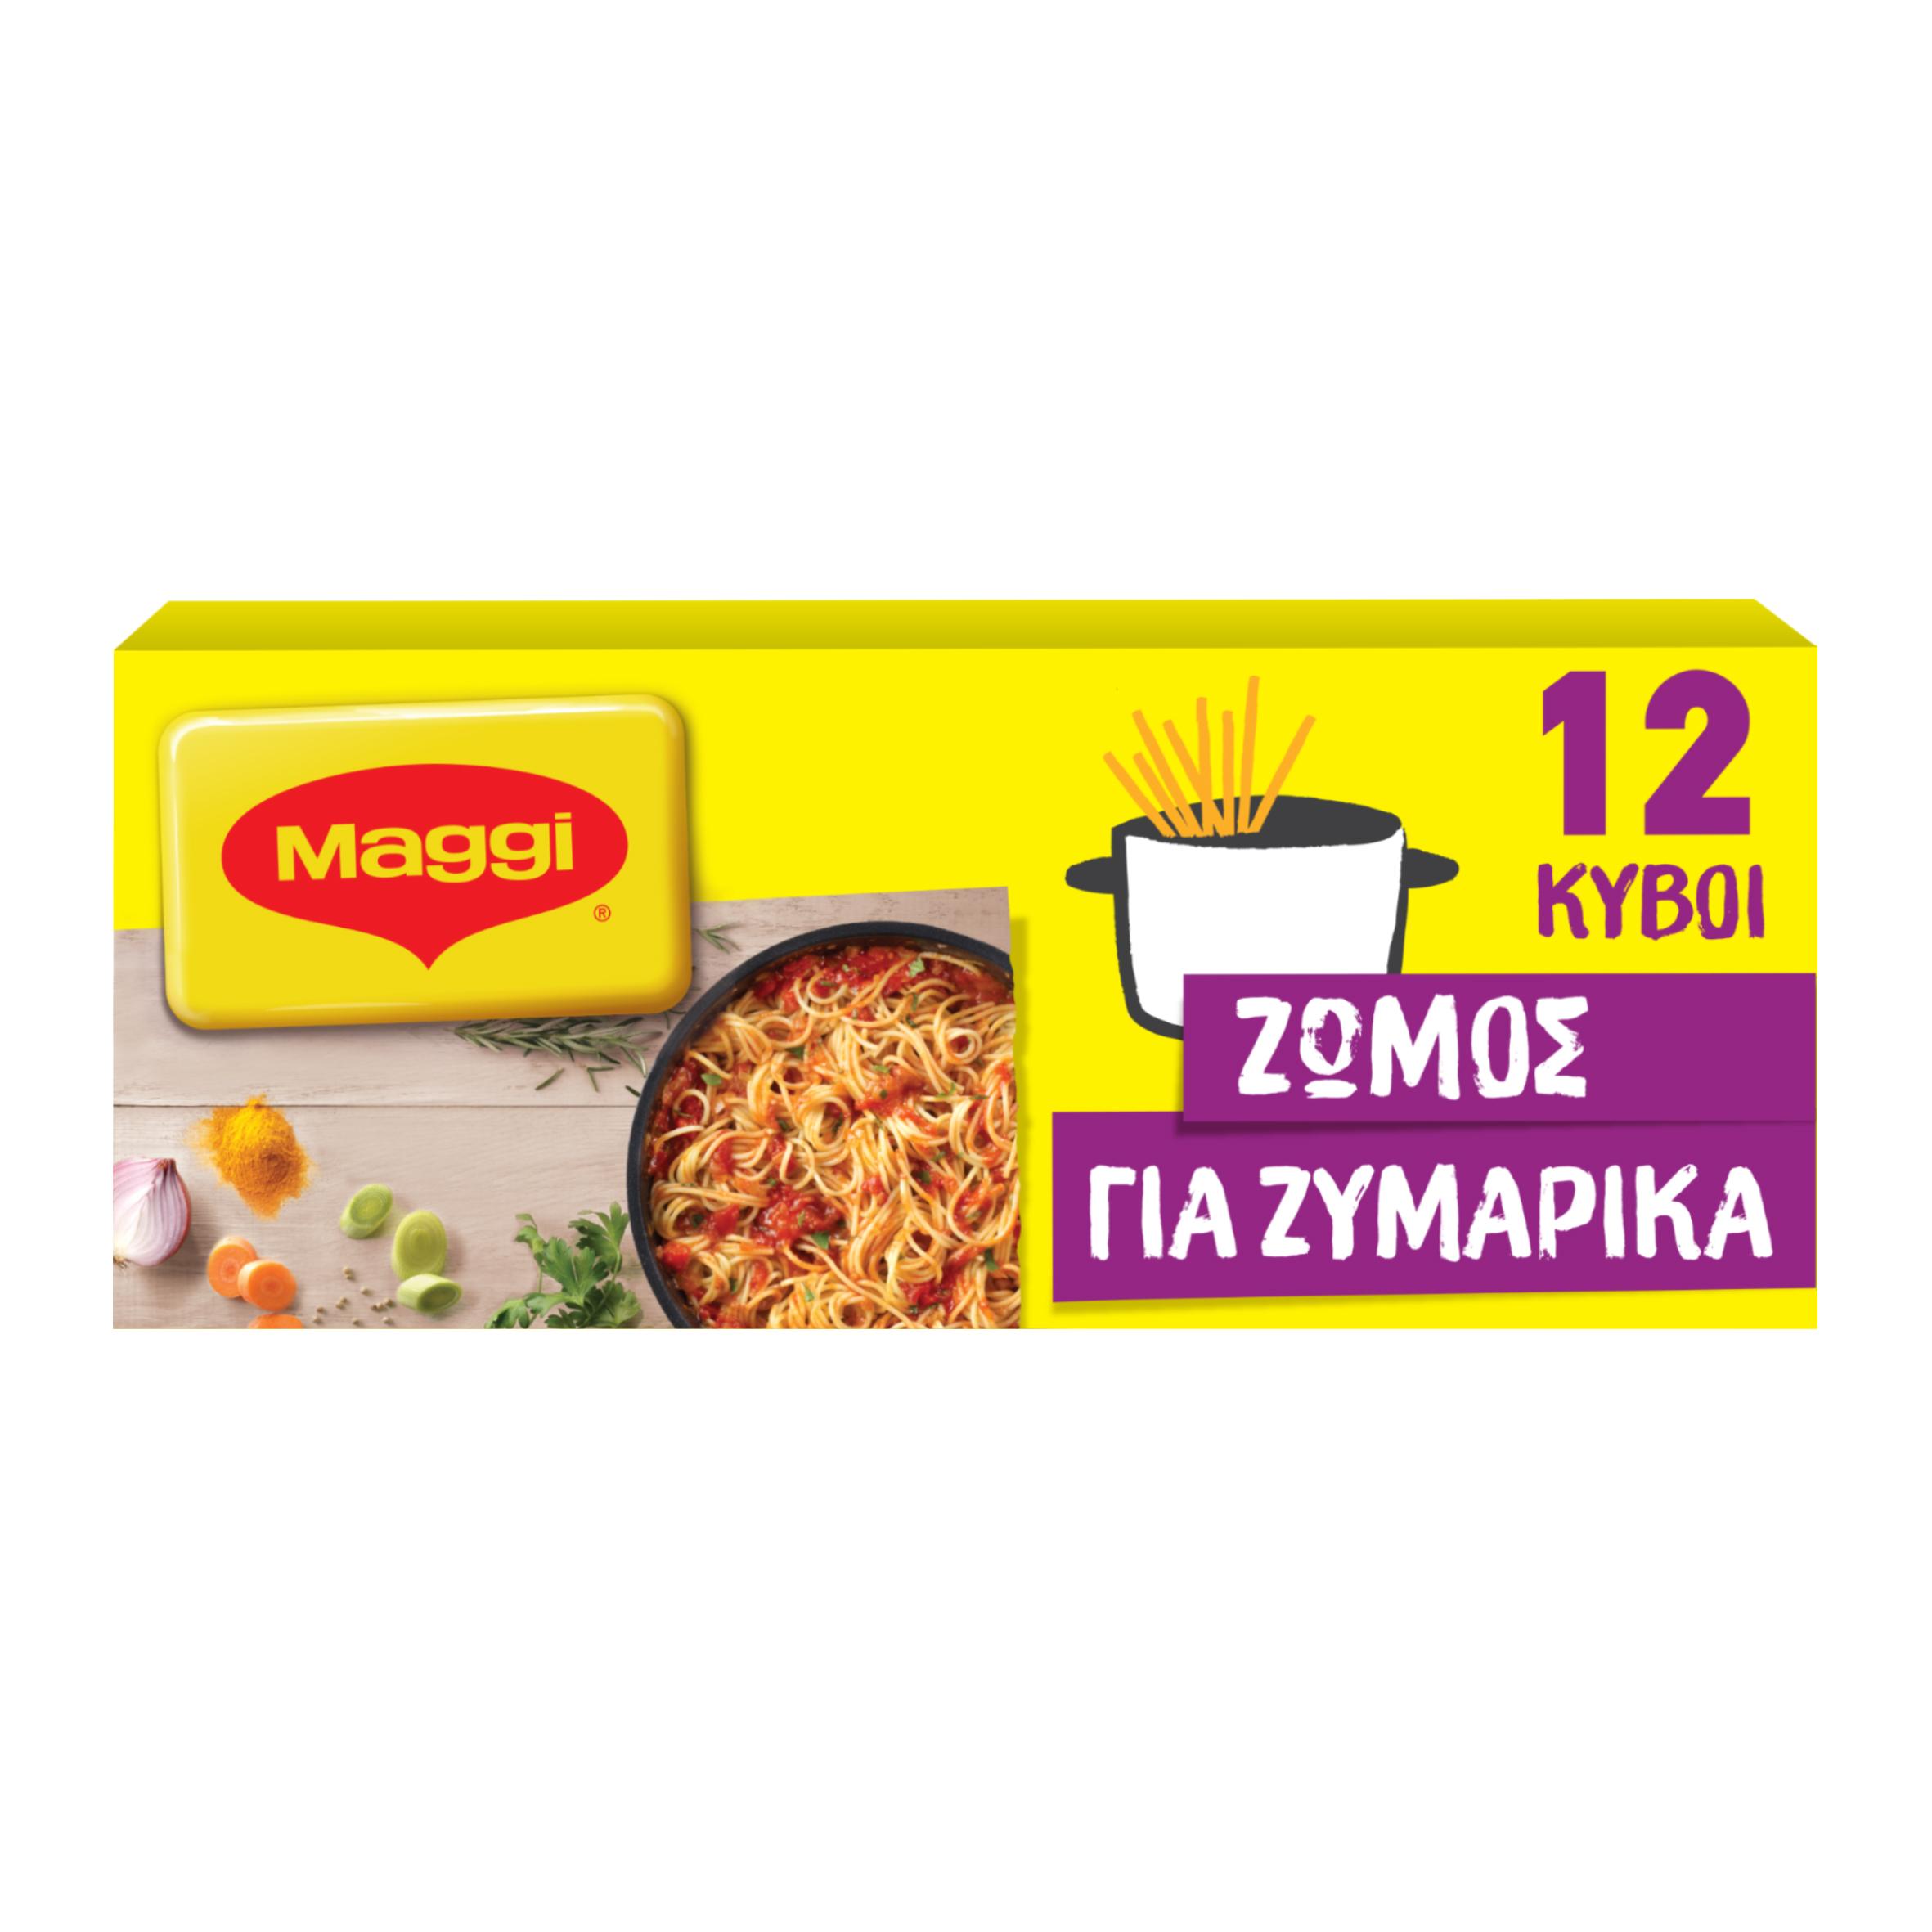 Ζωμός για Ζυμαρικά Maggi (2x12τεμ) το 2ο τεμ -25%